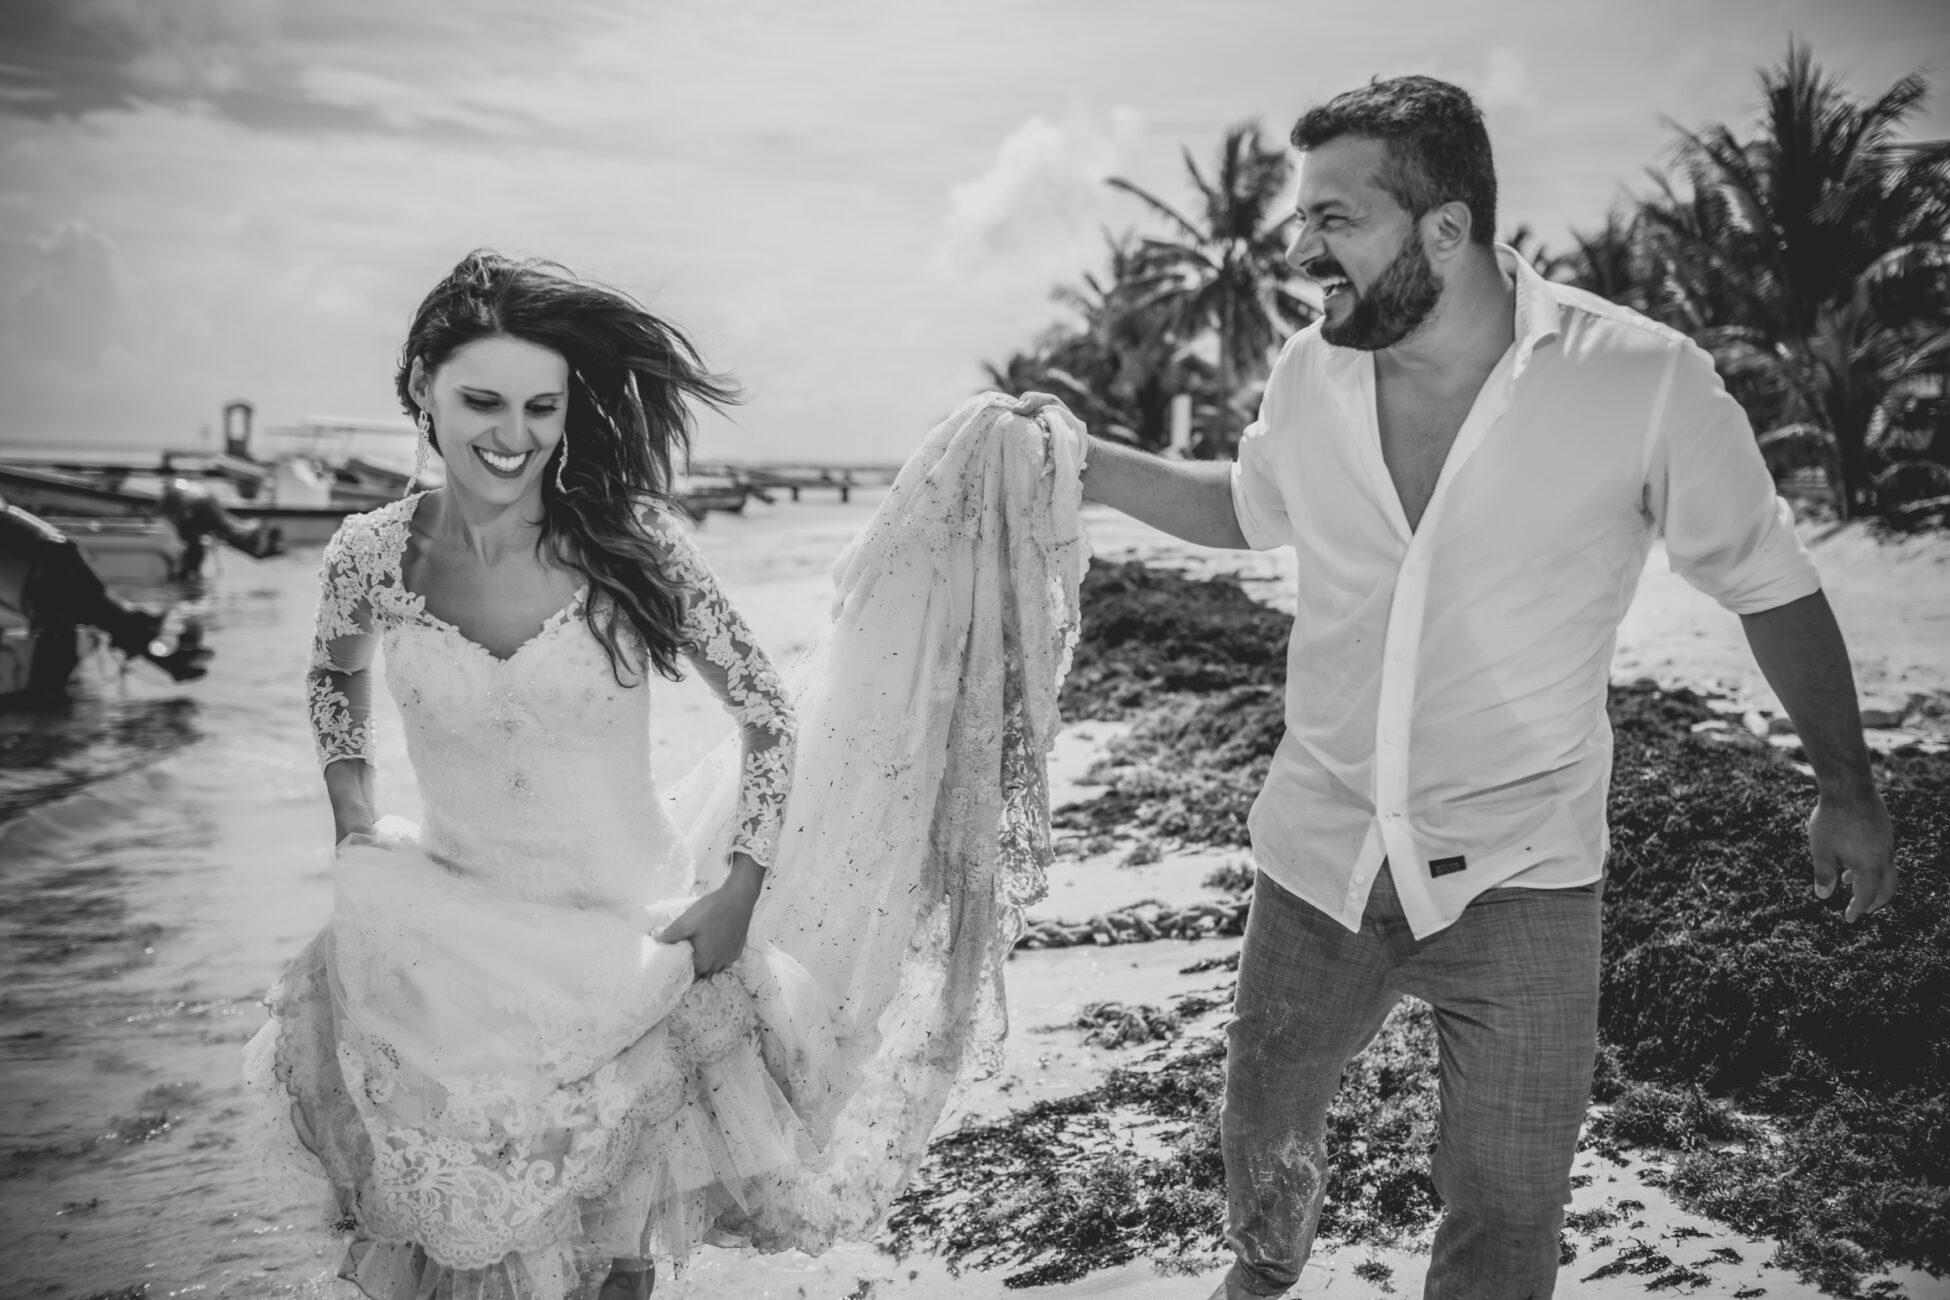 ruidacruz, ritadacruz, douro, México, Cancun, Bahía Principe, régua, fotografia, video, casamento, TTD, wedding